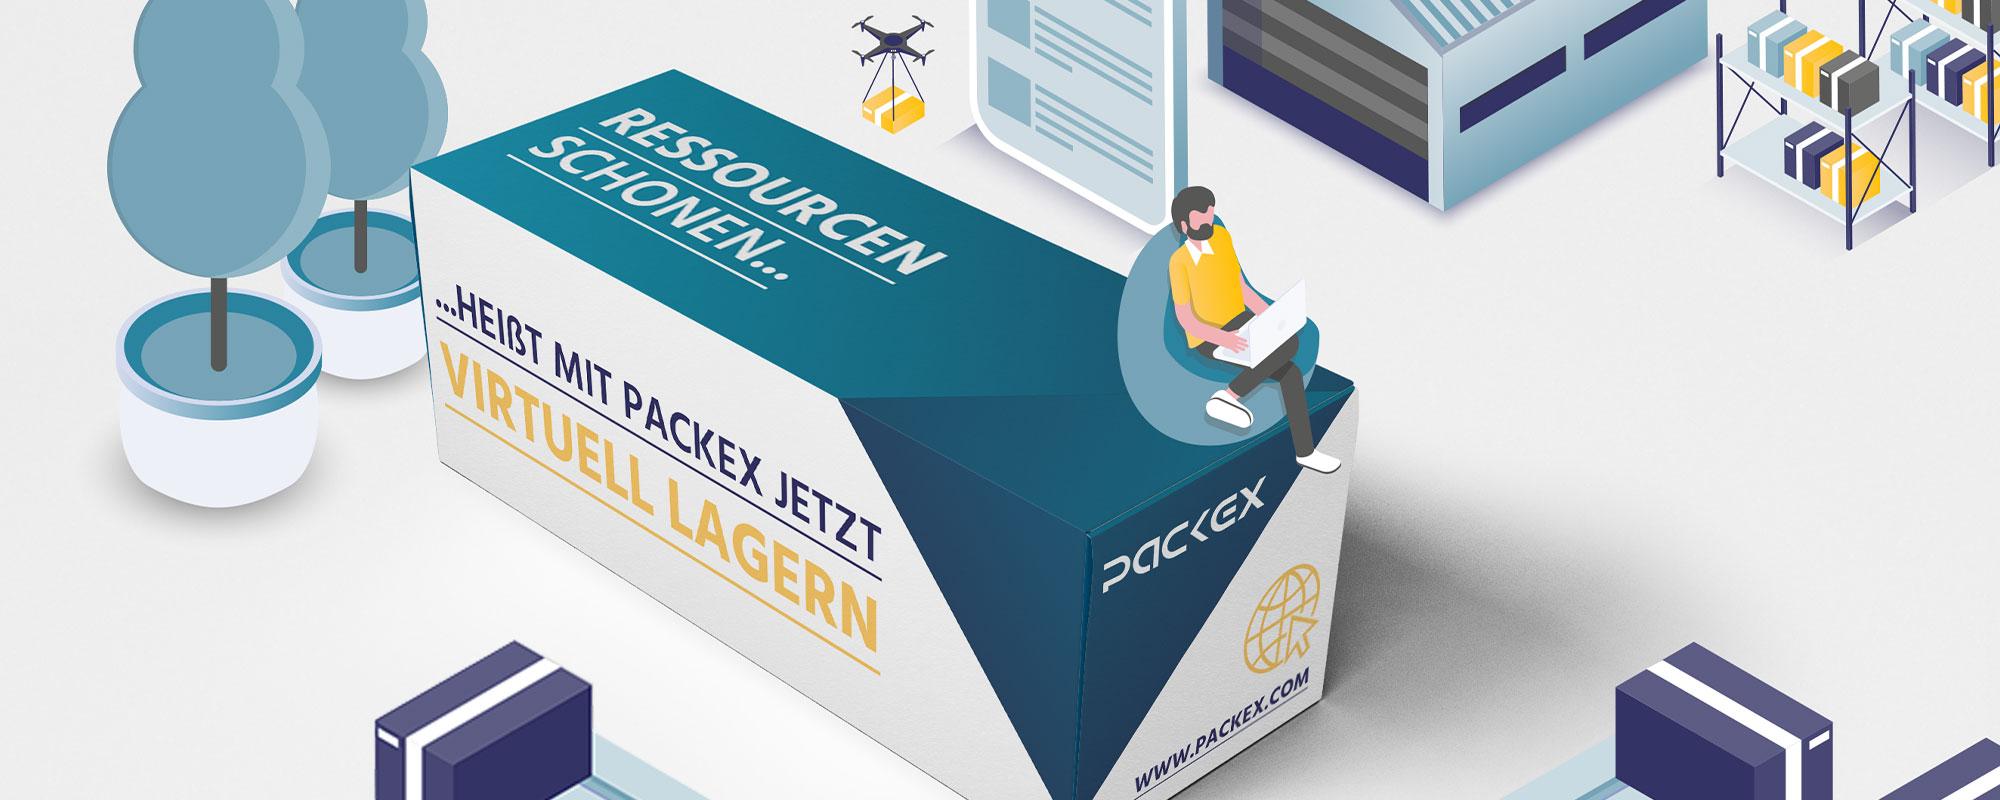 Illustriertes Beispiel einer Faltschachtel von PackEx.